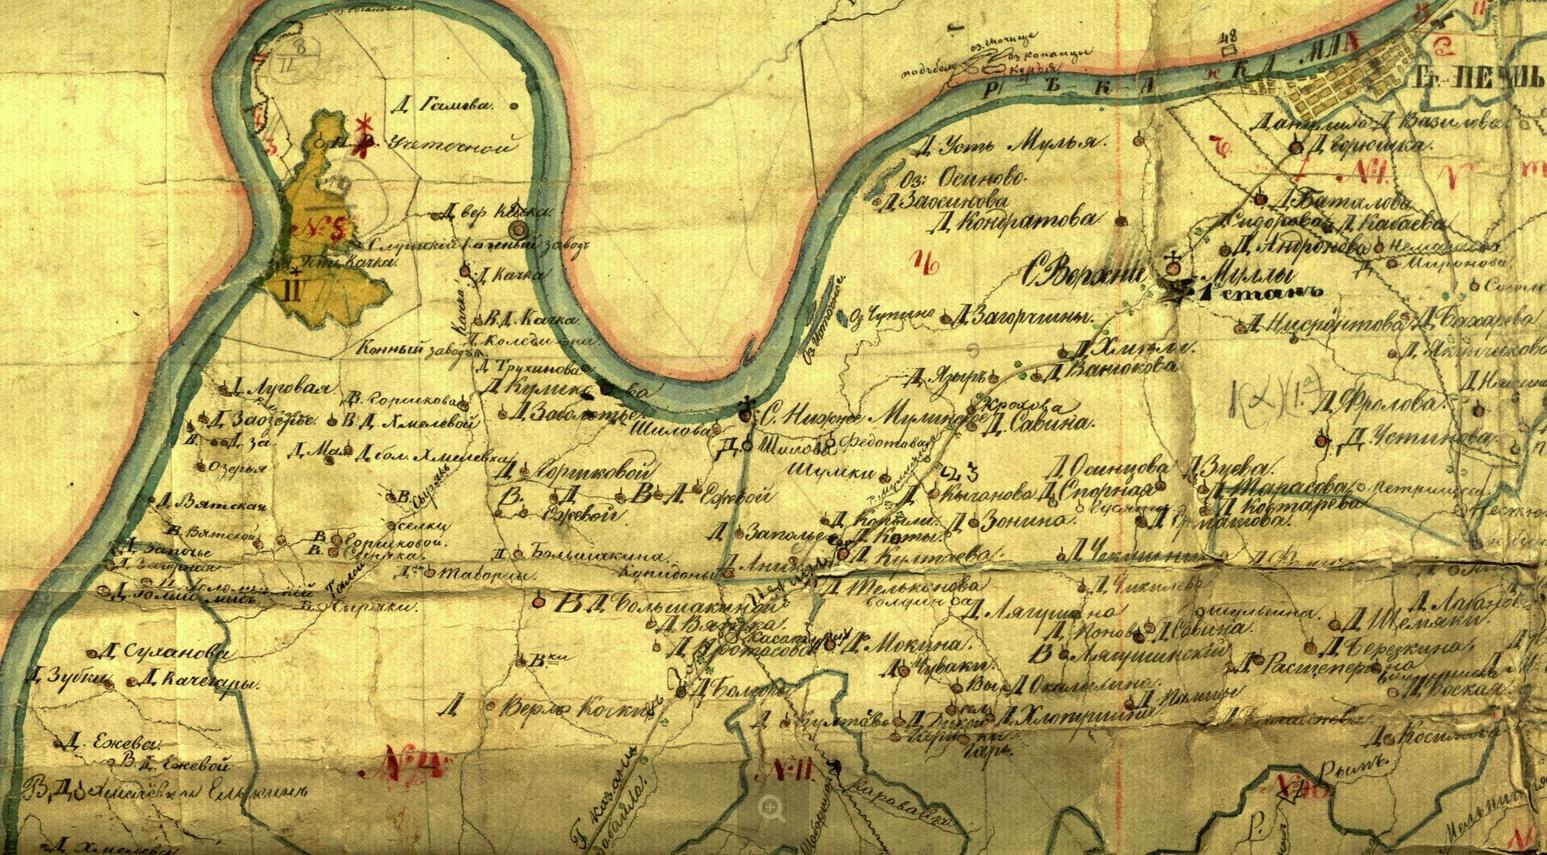 поселения, пермского, района, сельского, савинского, онлайн, музей, истории, создан